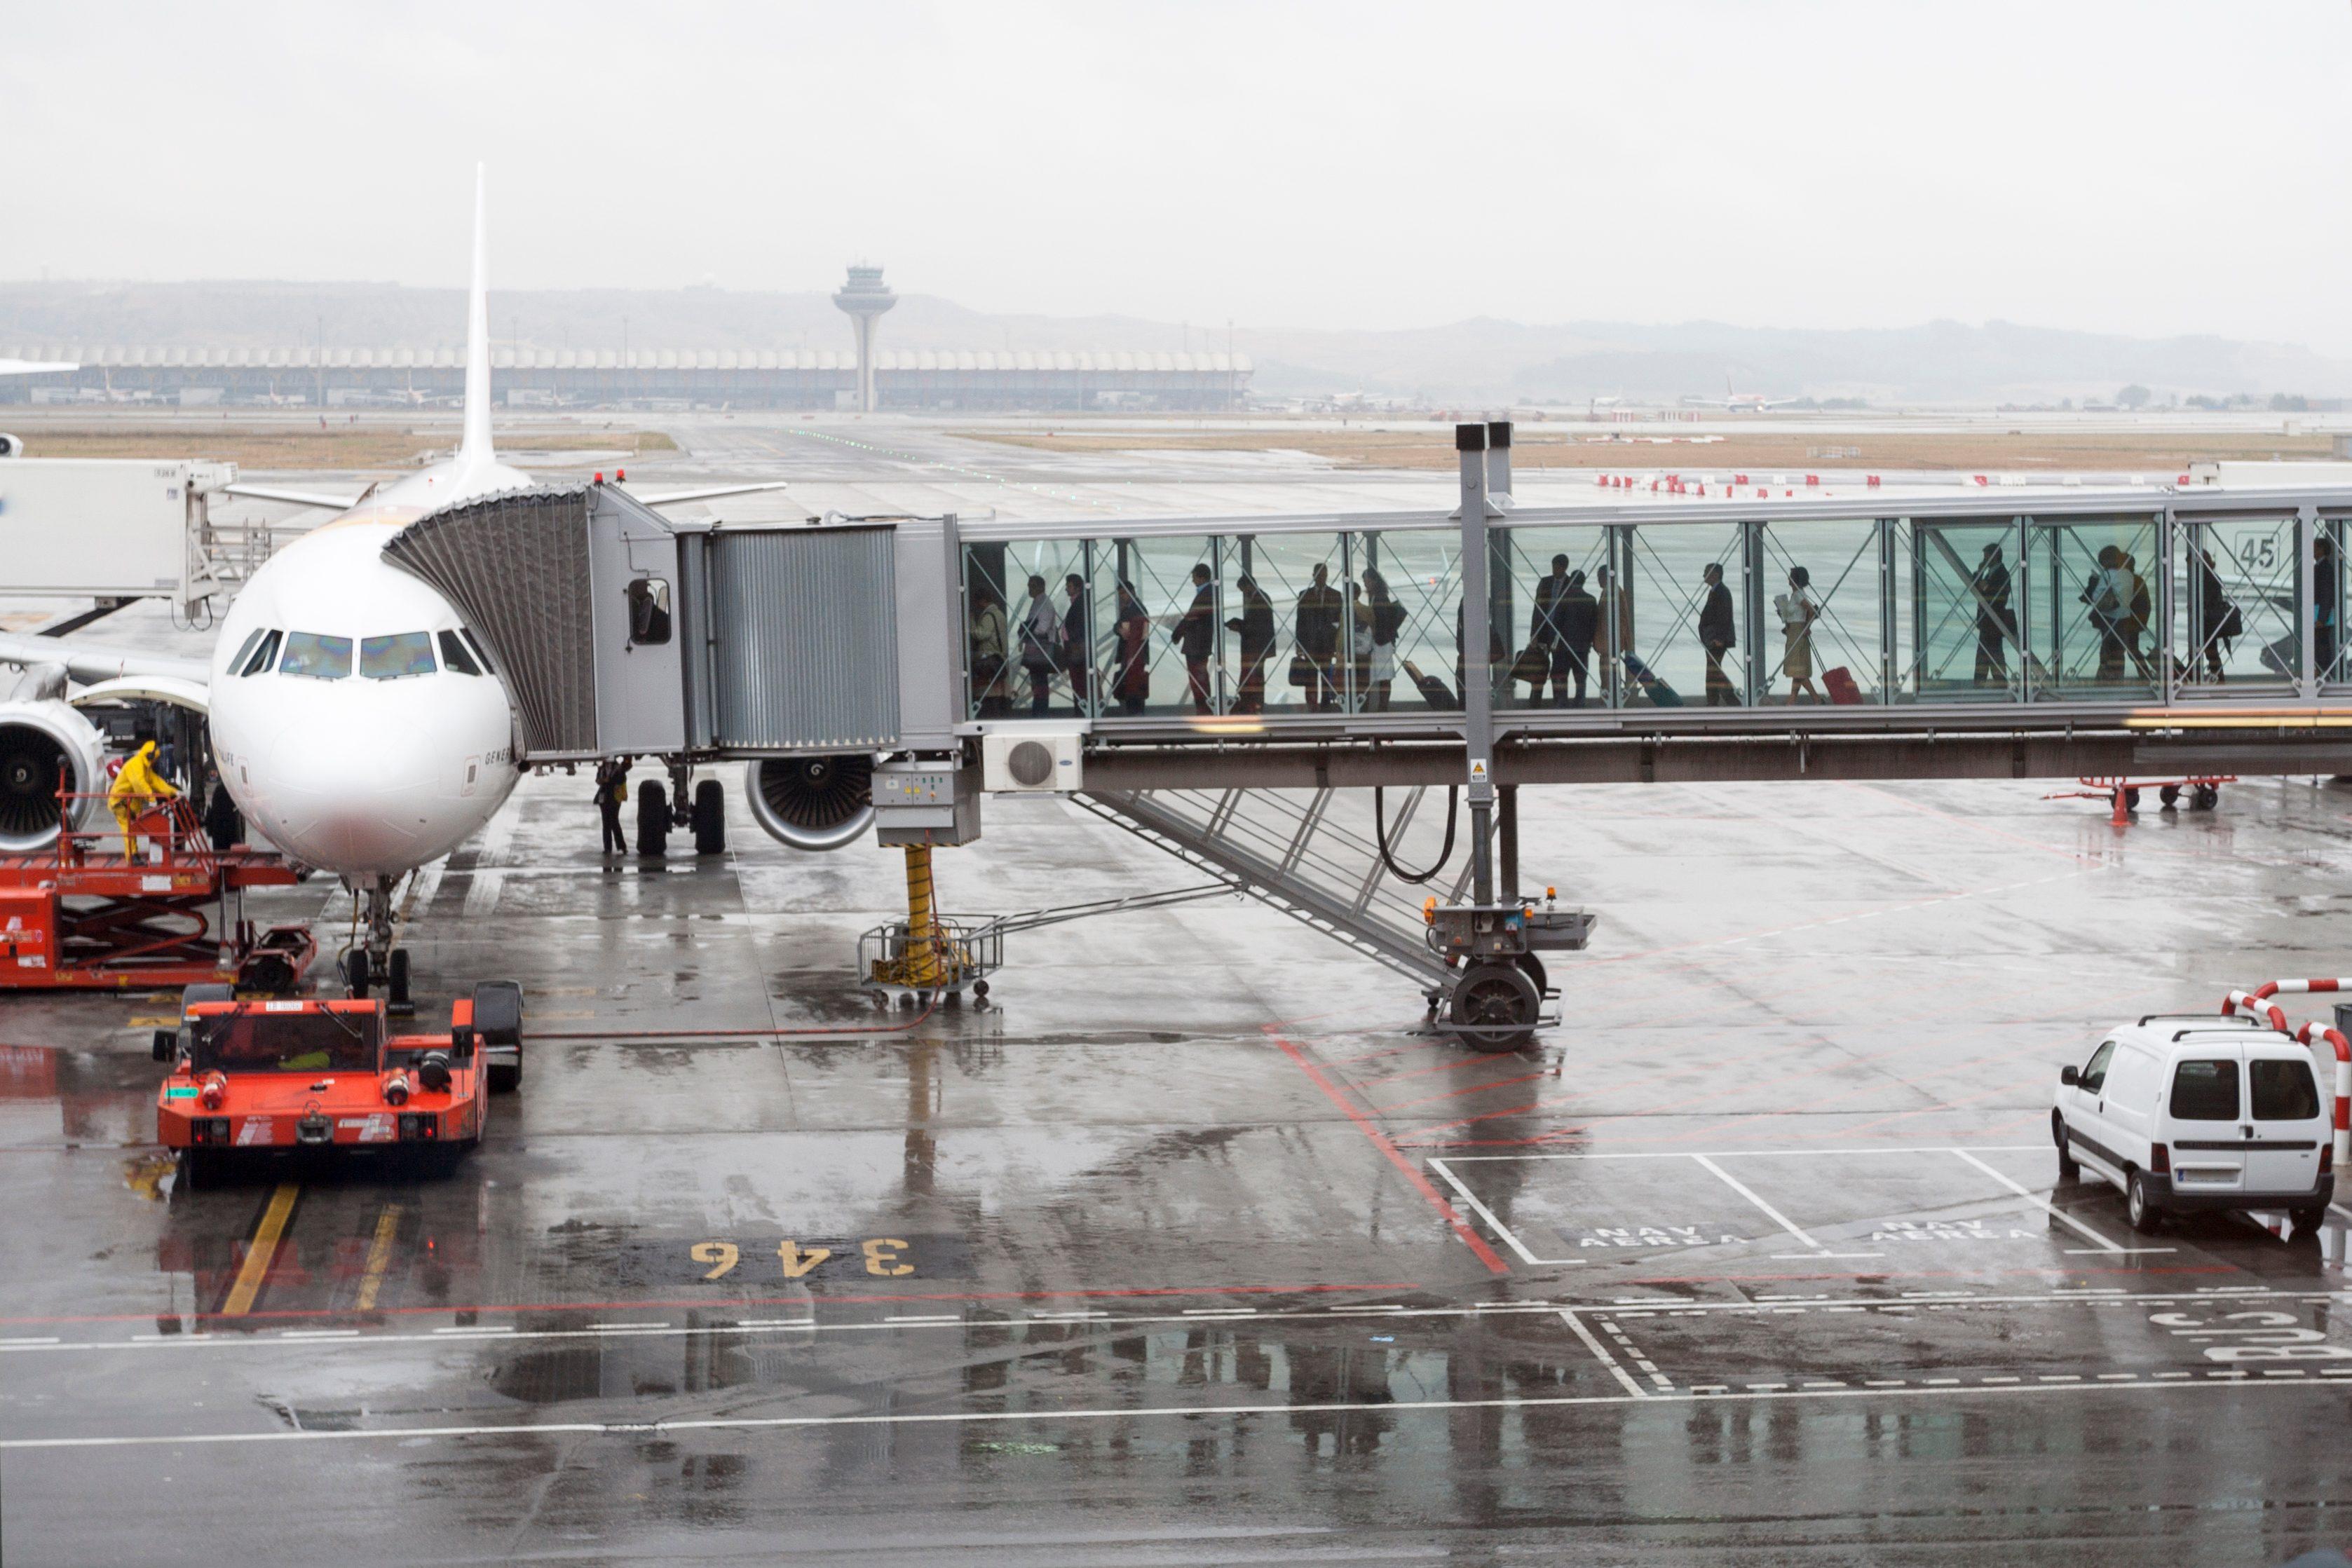 Passengers boarding an airplane through a boarding bridge